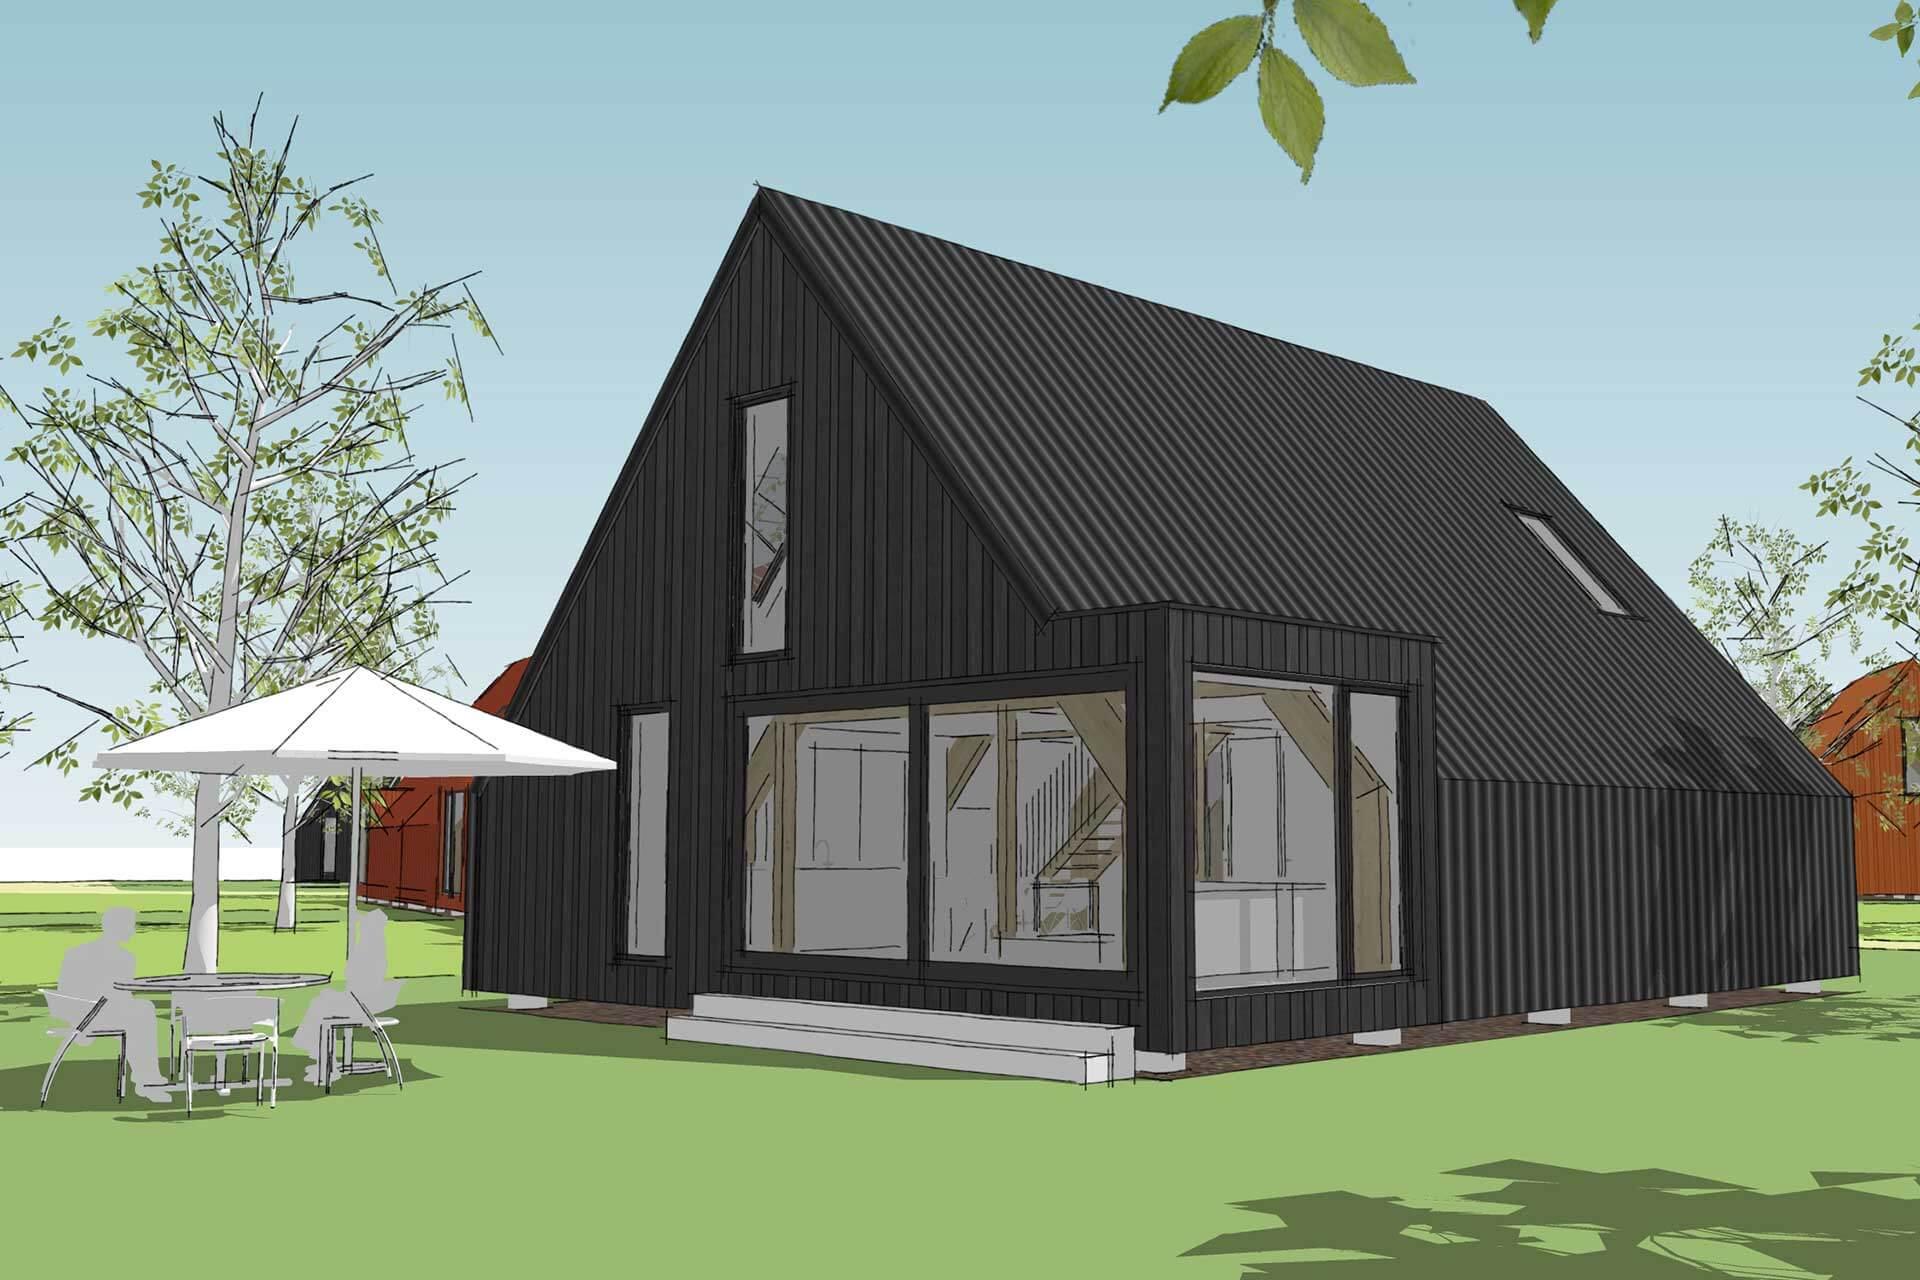 8A Architecten - De Nederzetting, Oosterwold, Almere Hout